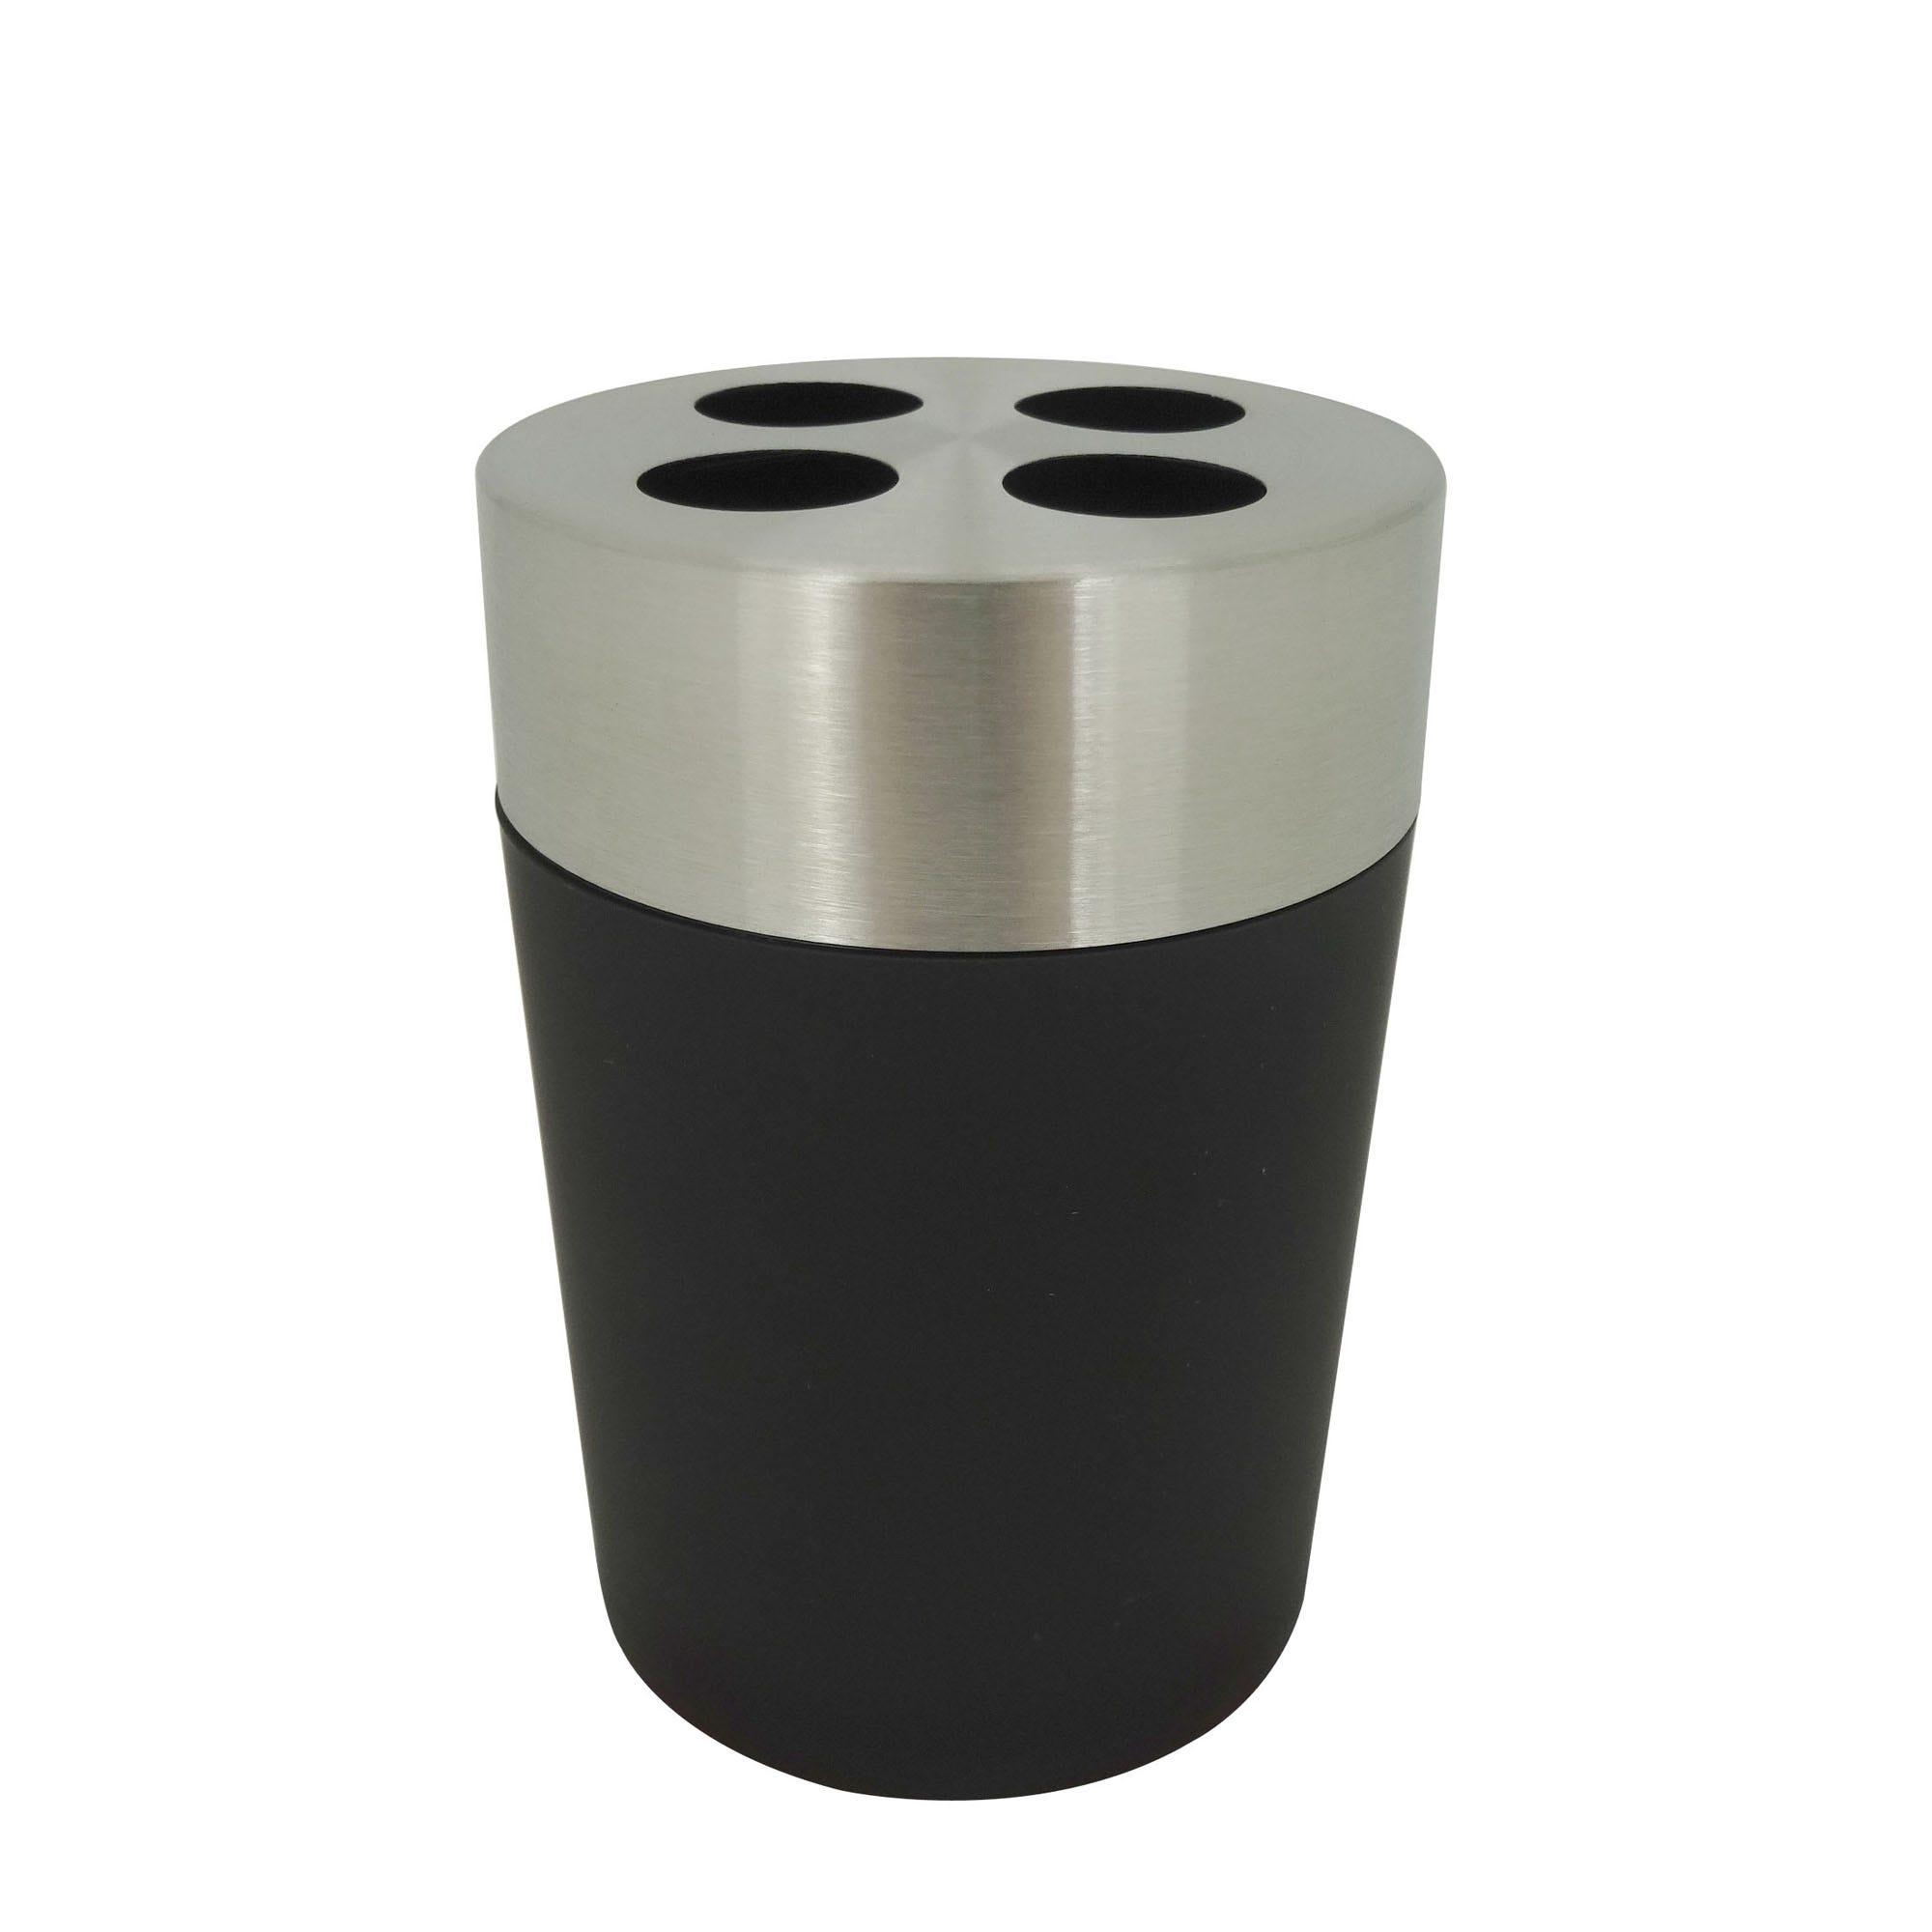 Portacepillos de dientes Namaro Design™, con tapa de acero inoxidable en negro